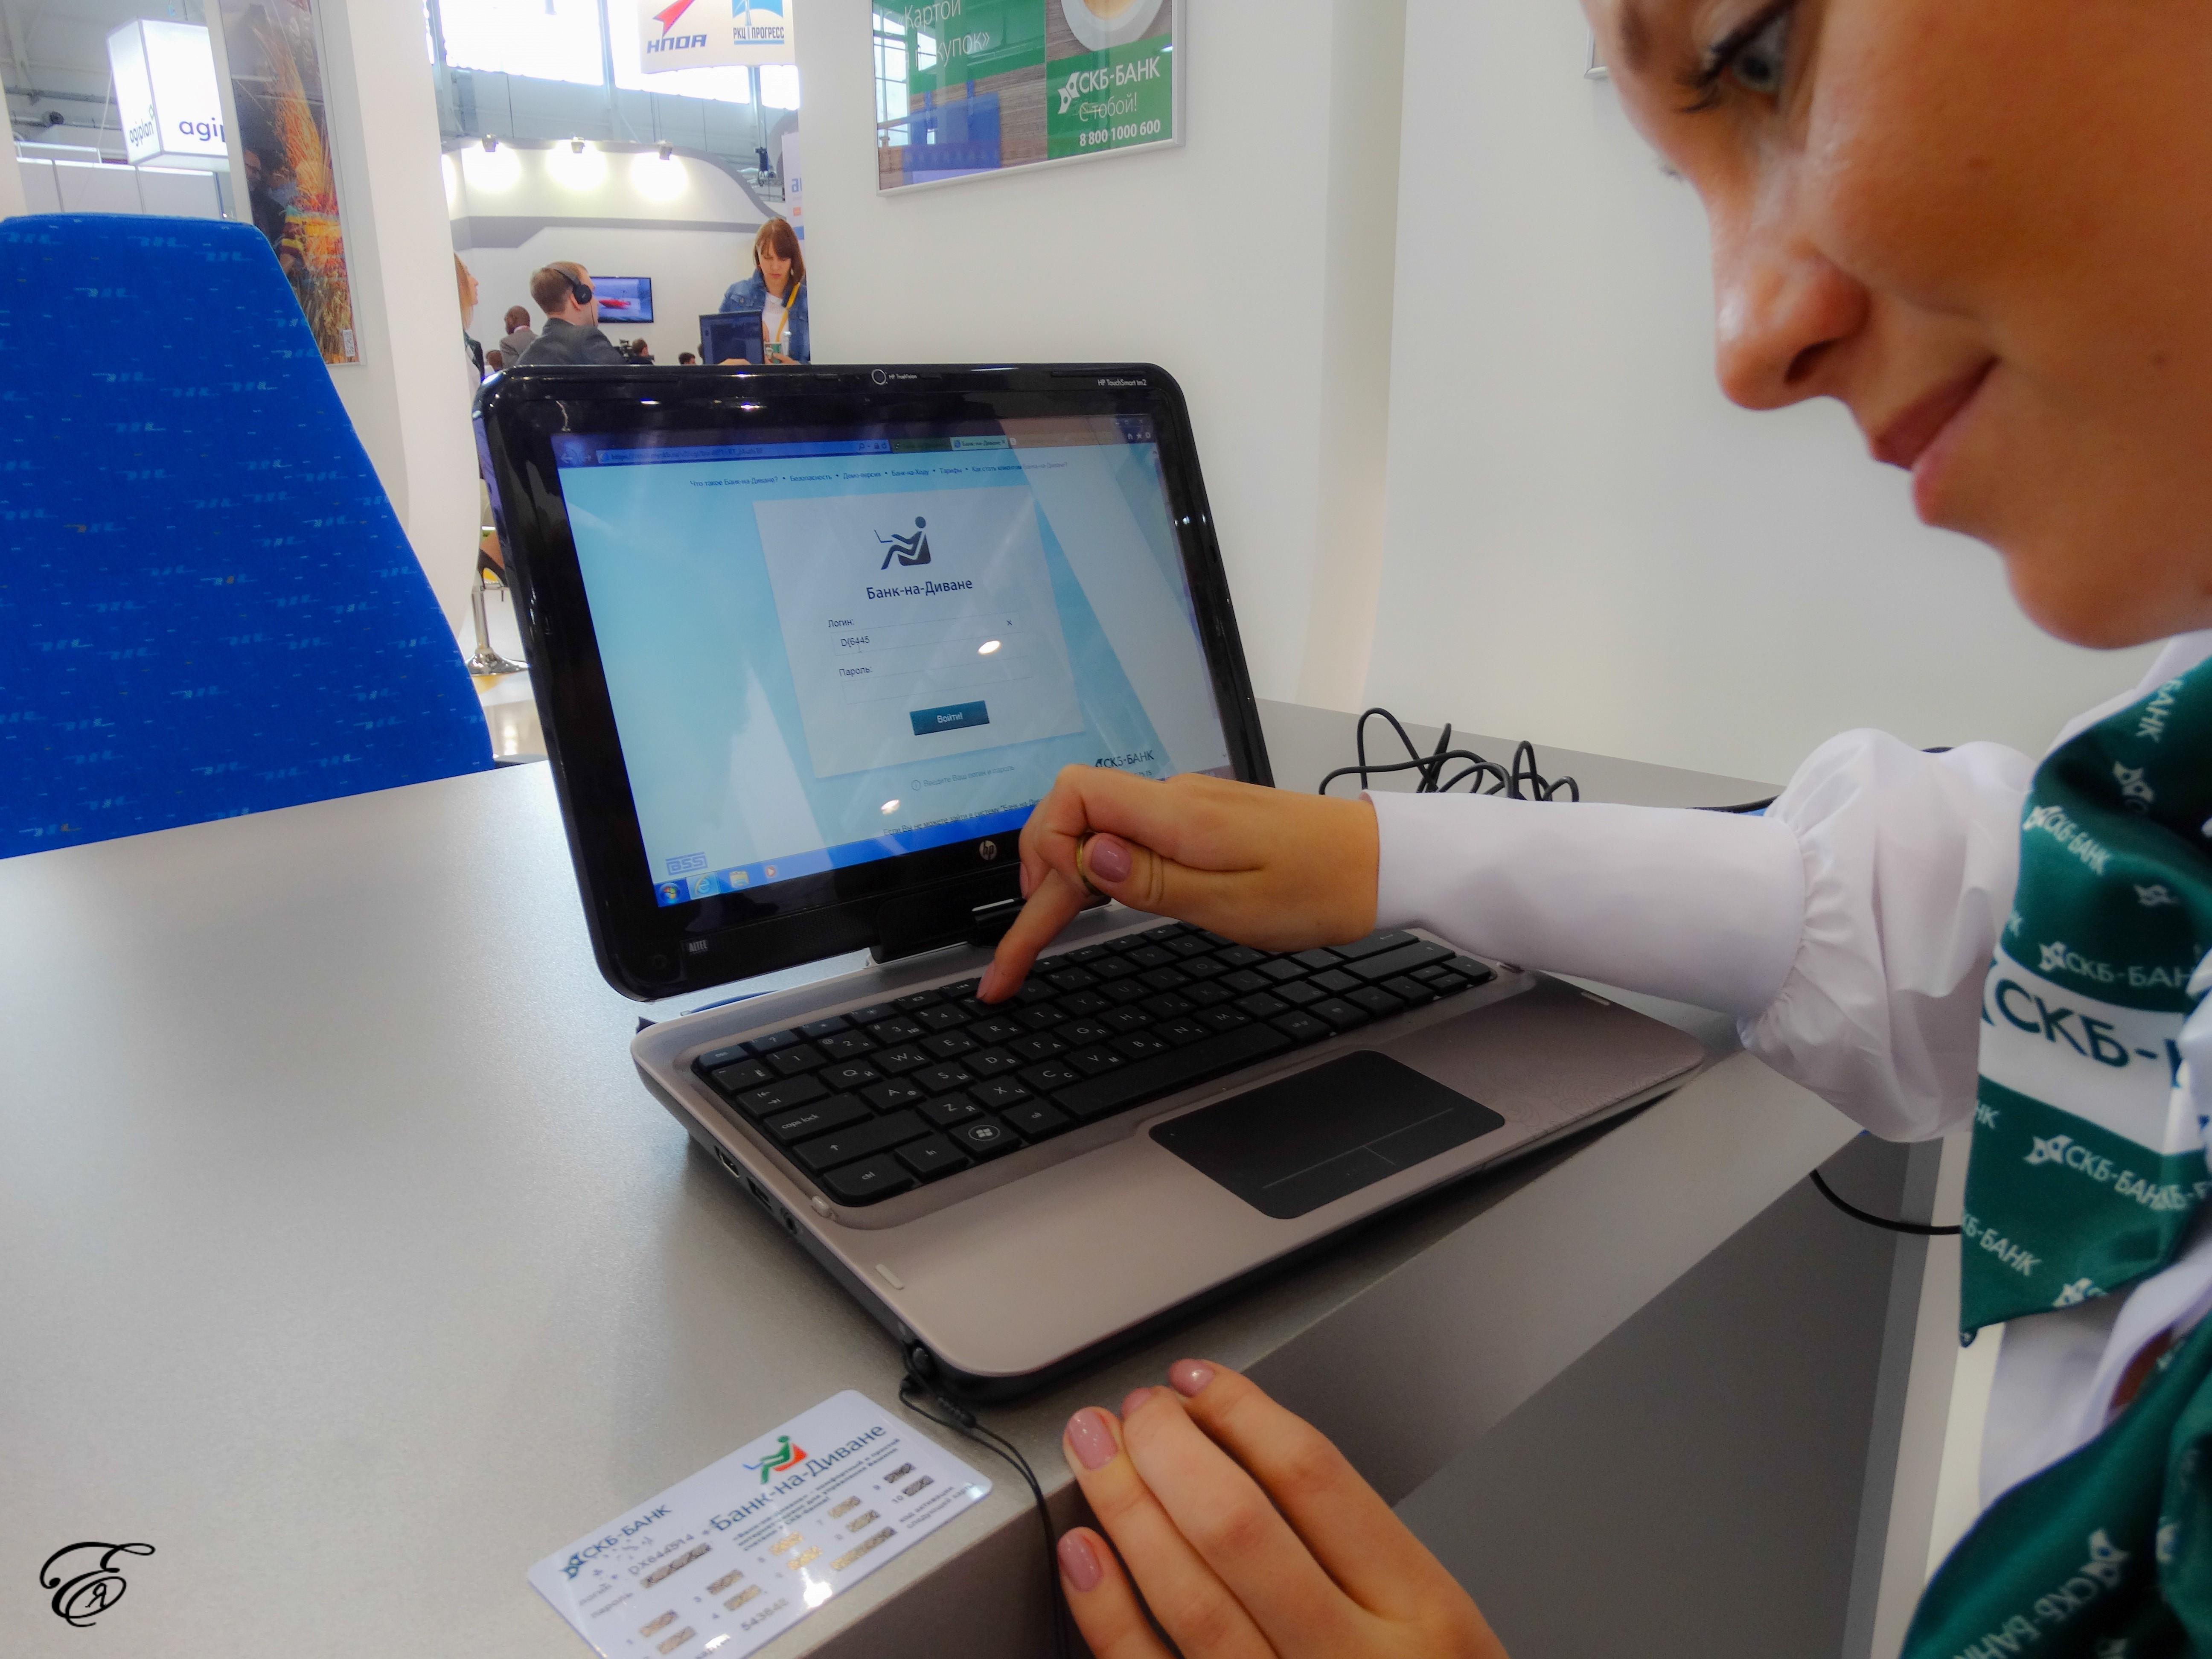 втб интернет банк для малого бизнеса